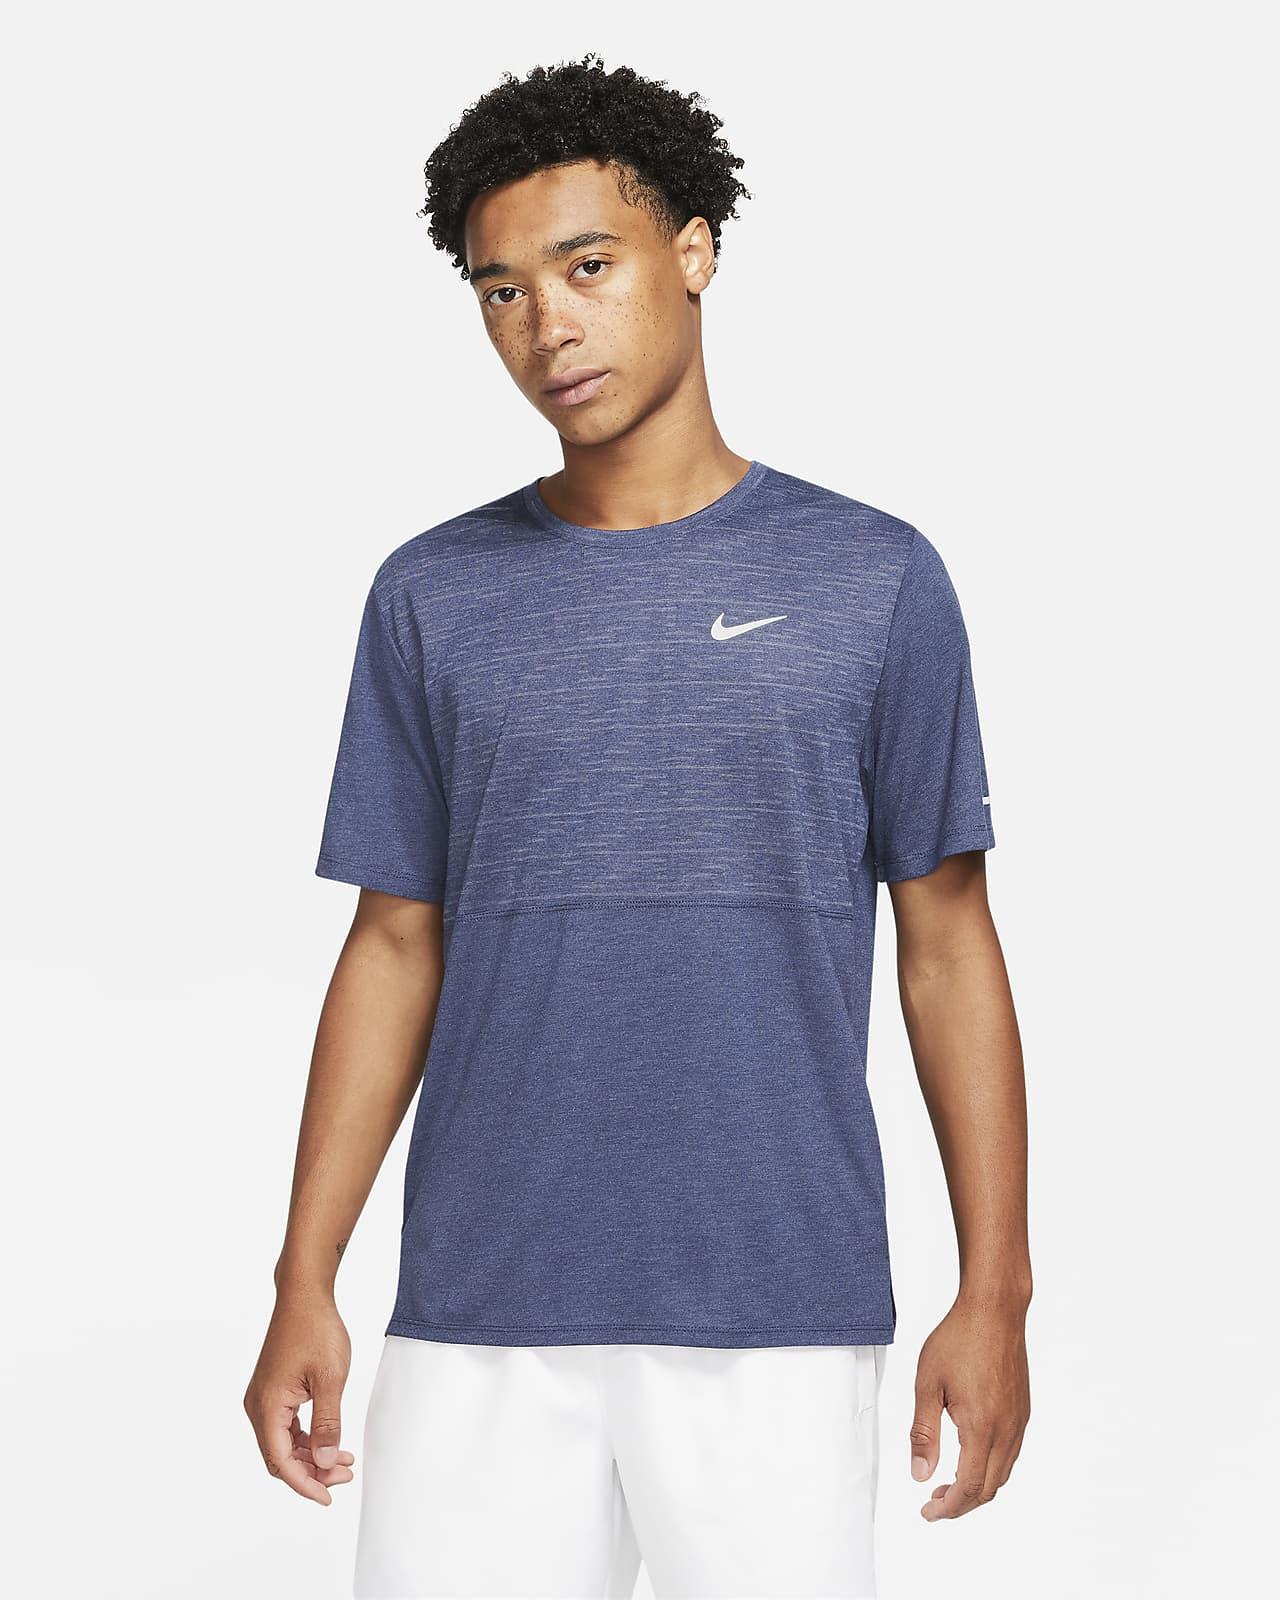 Nike Dri-FIT Run Division Miler Men's Short-Sleeve Running Top